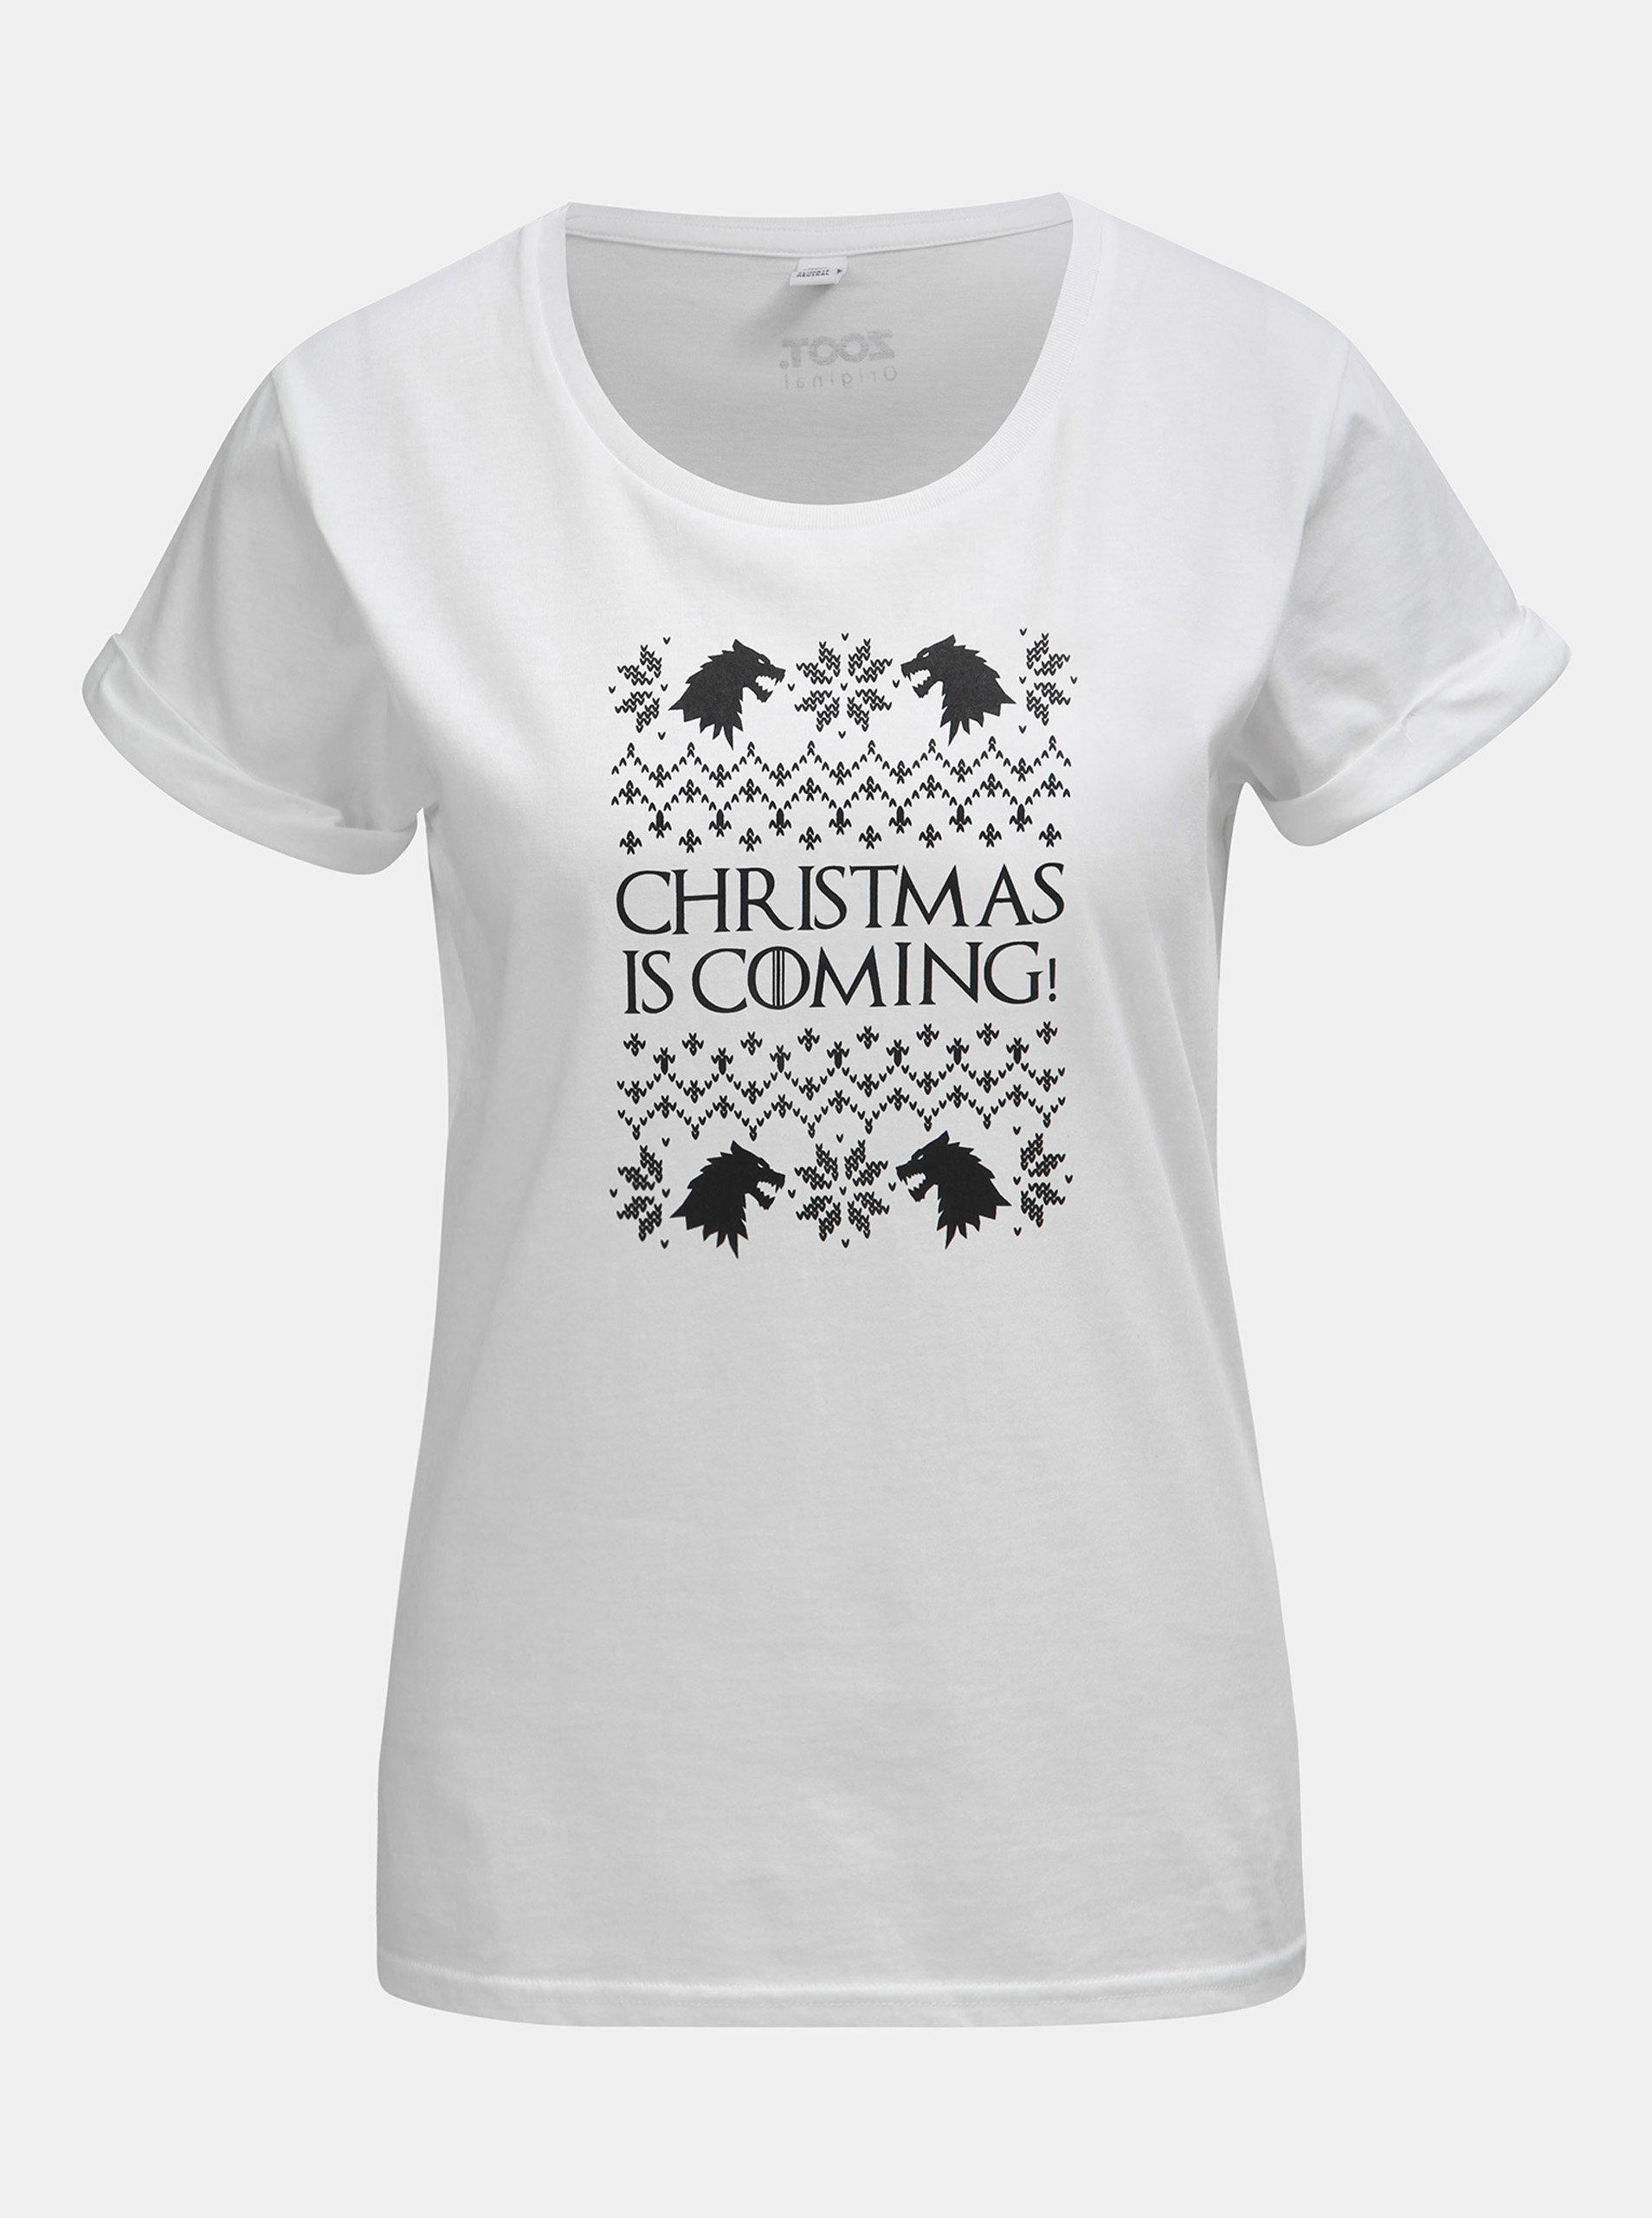 e9441ccdcb00 Biele dámske tričko s potlačou ZOOT Original Christmas is coming ...